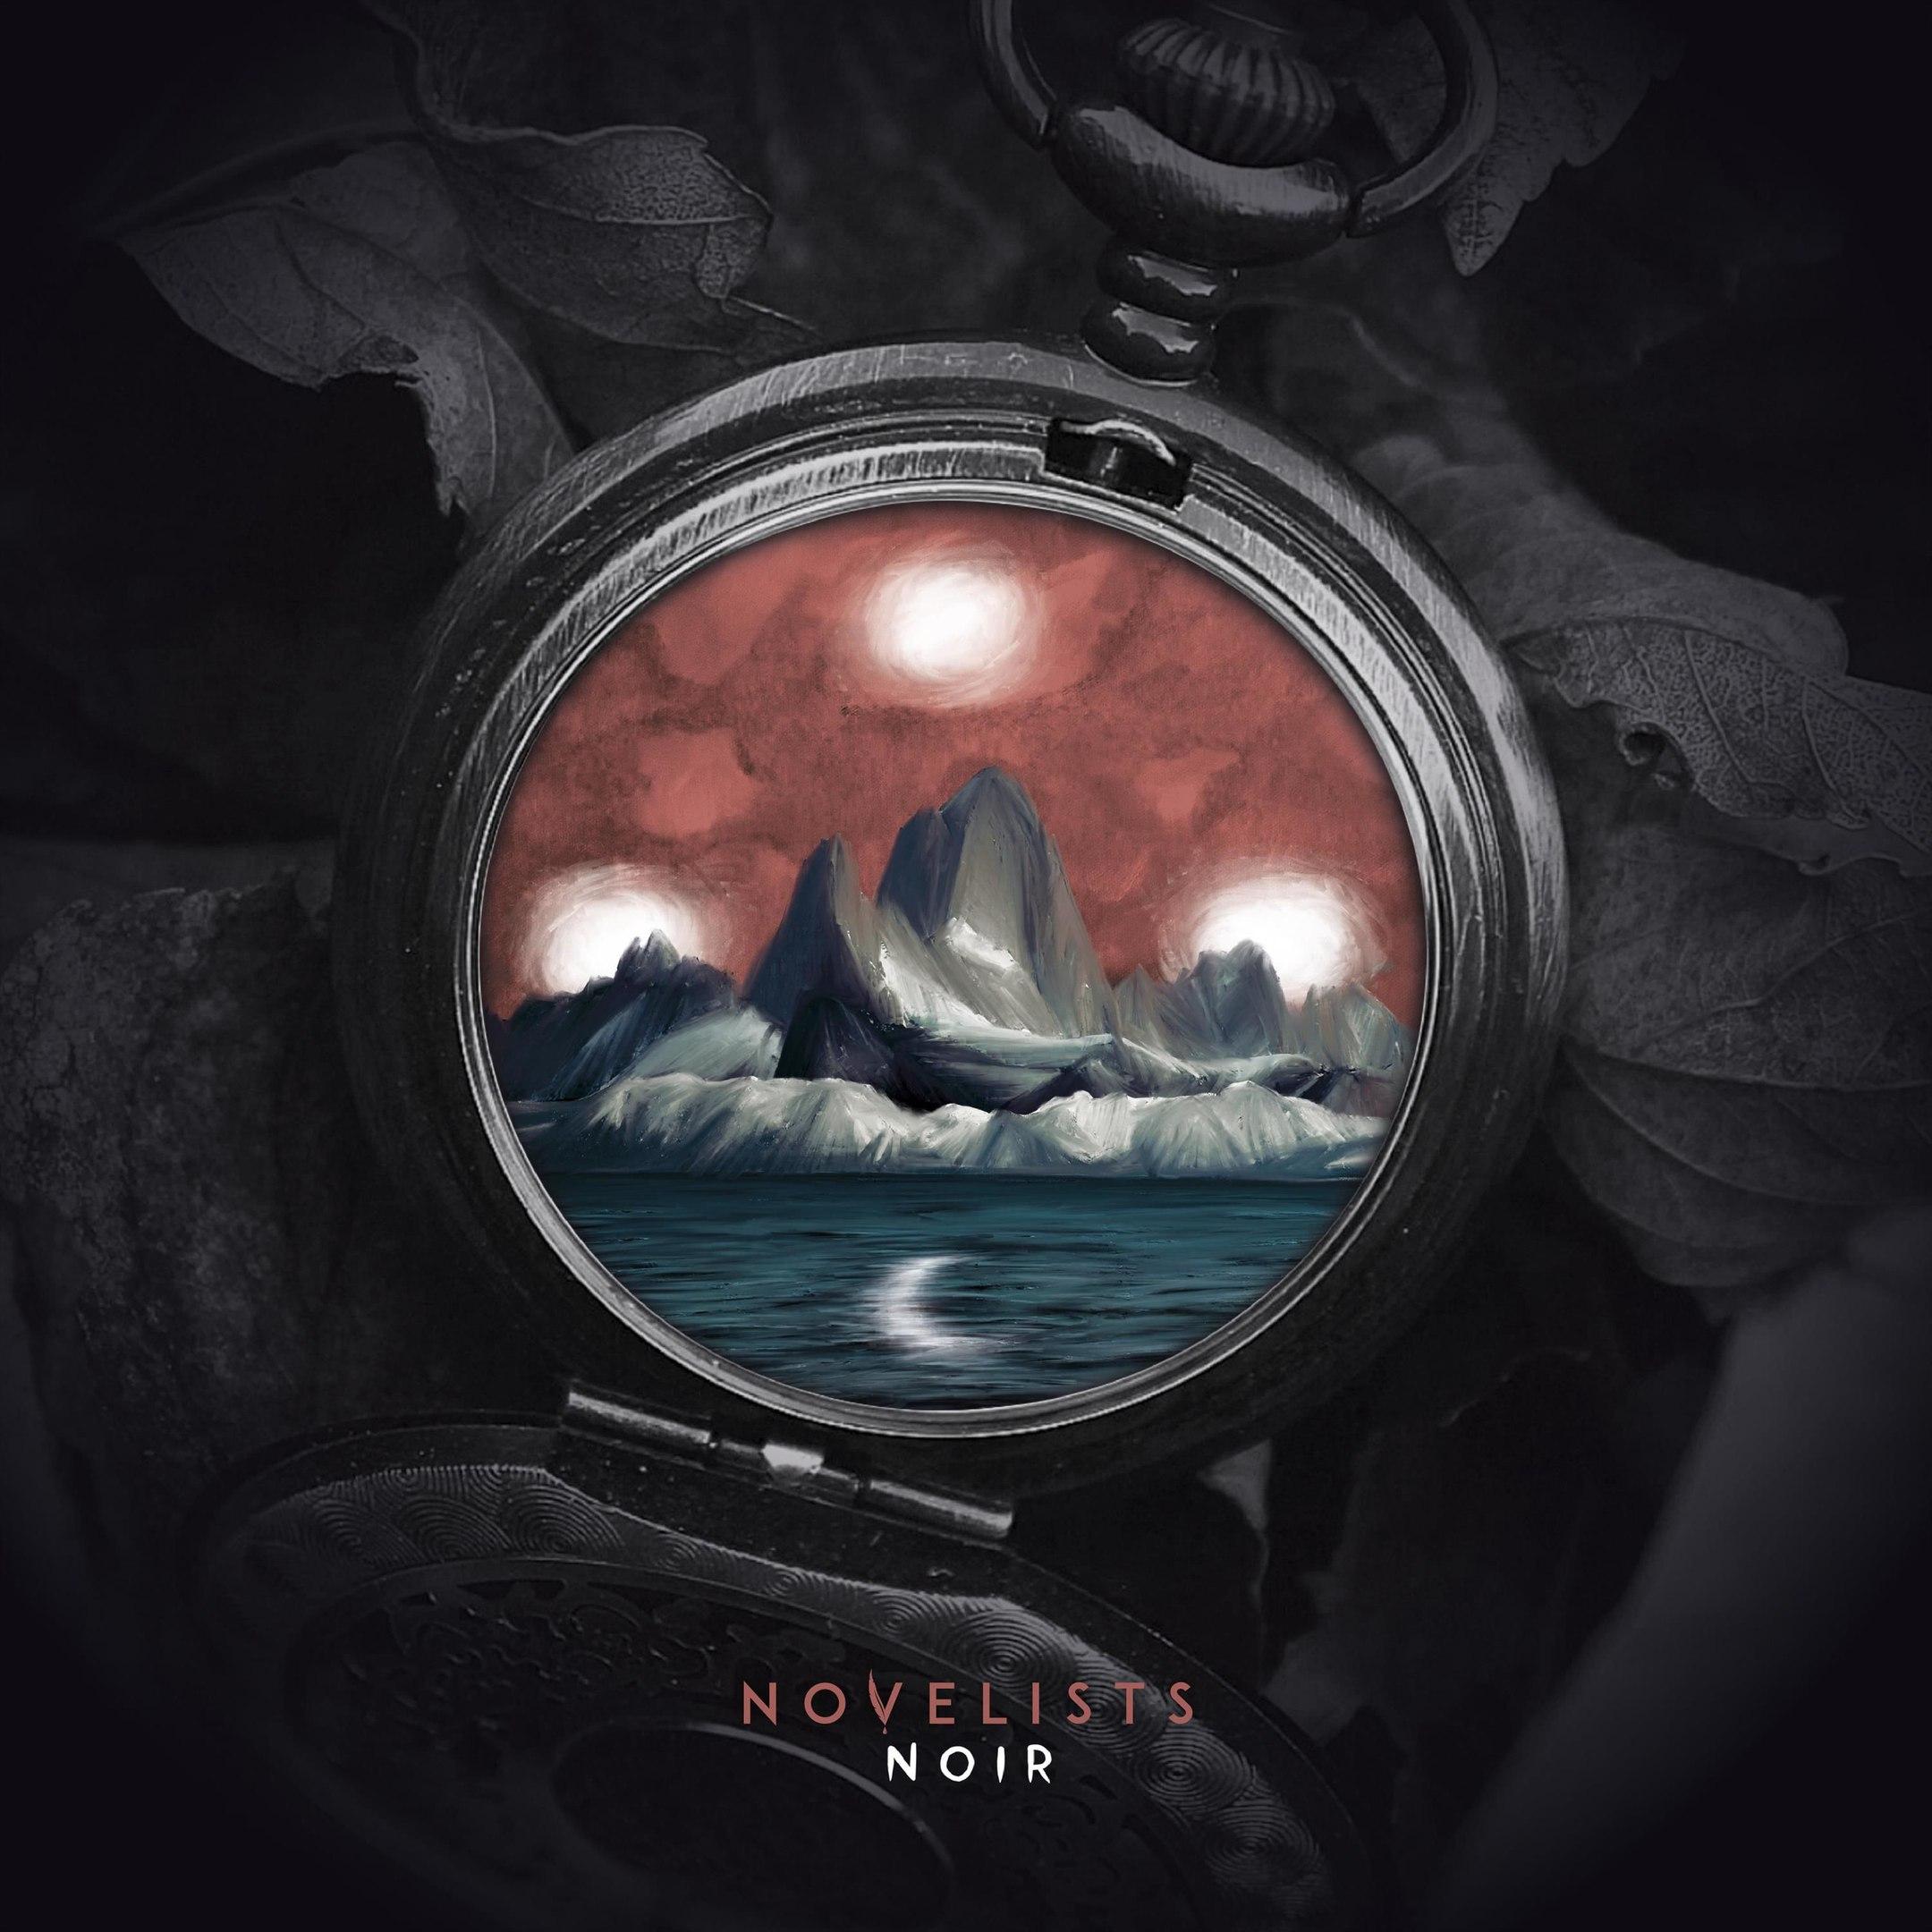 Novelists - The Light, The Fire [single] (2017)